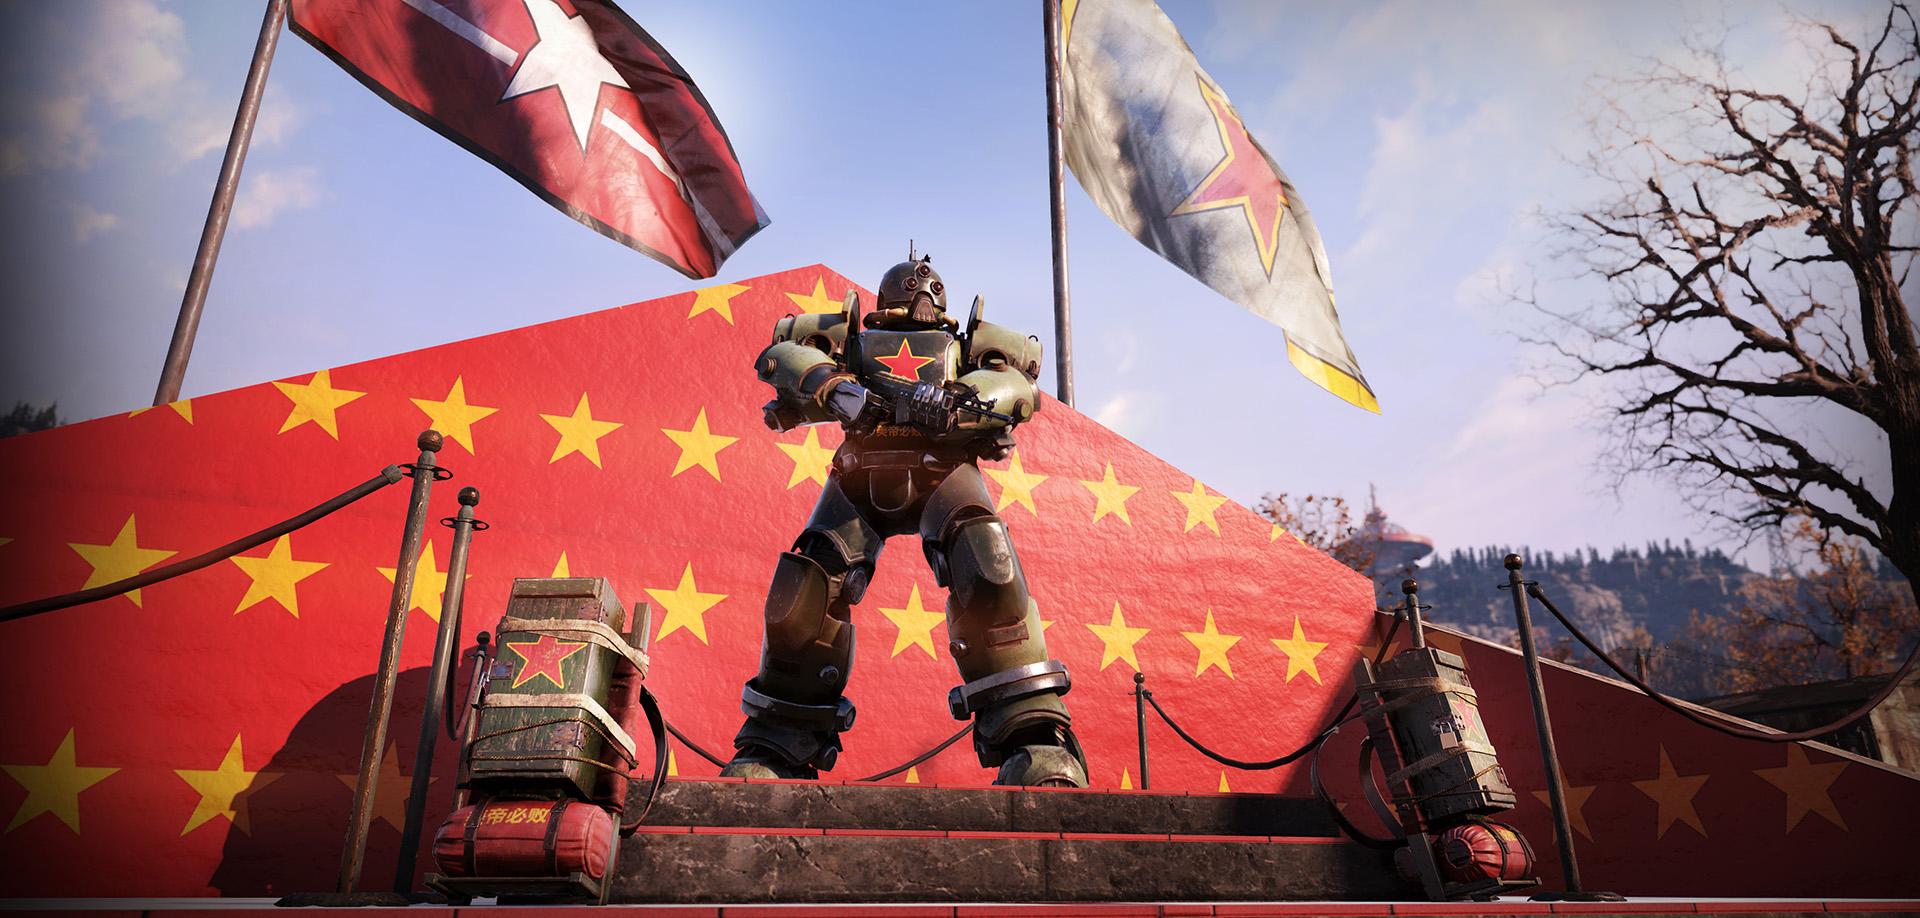 Товарищи Fallout 76, объединяйтесь! (С этой косметикой на тему коммунизма)